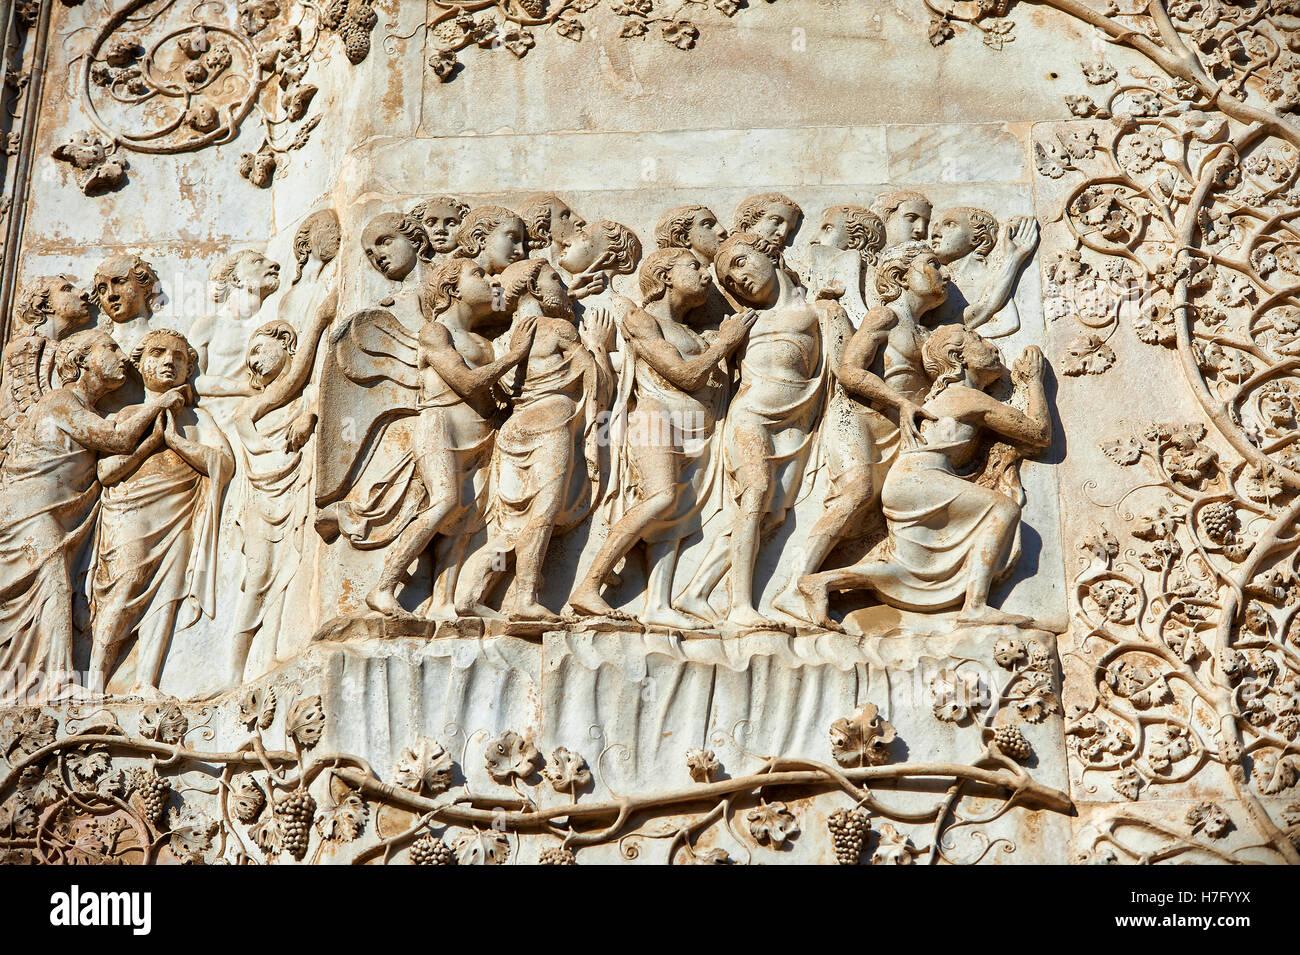 Bas-relief du Jugement dernier par Maitani, vers1310, façade gothique toscan, Cathédrale d'Orvieto, Photo Stock